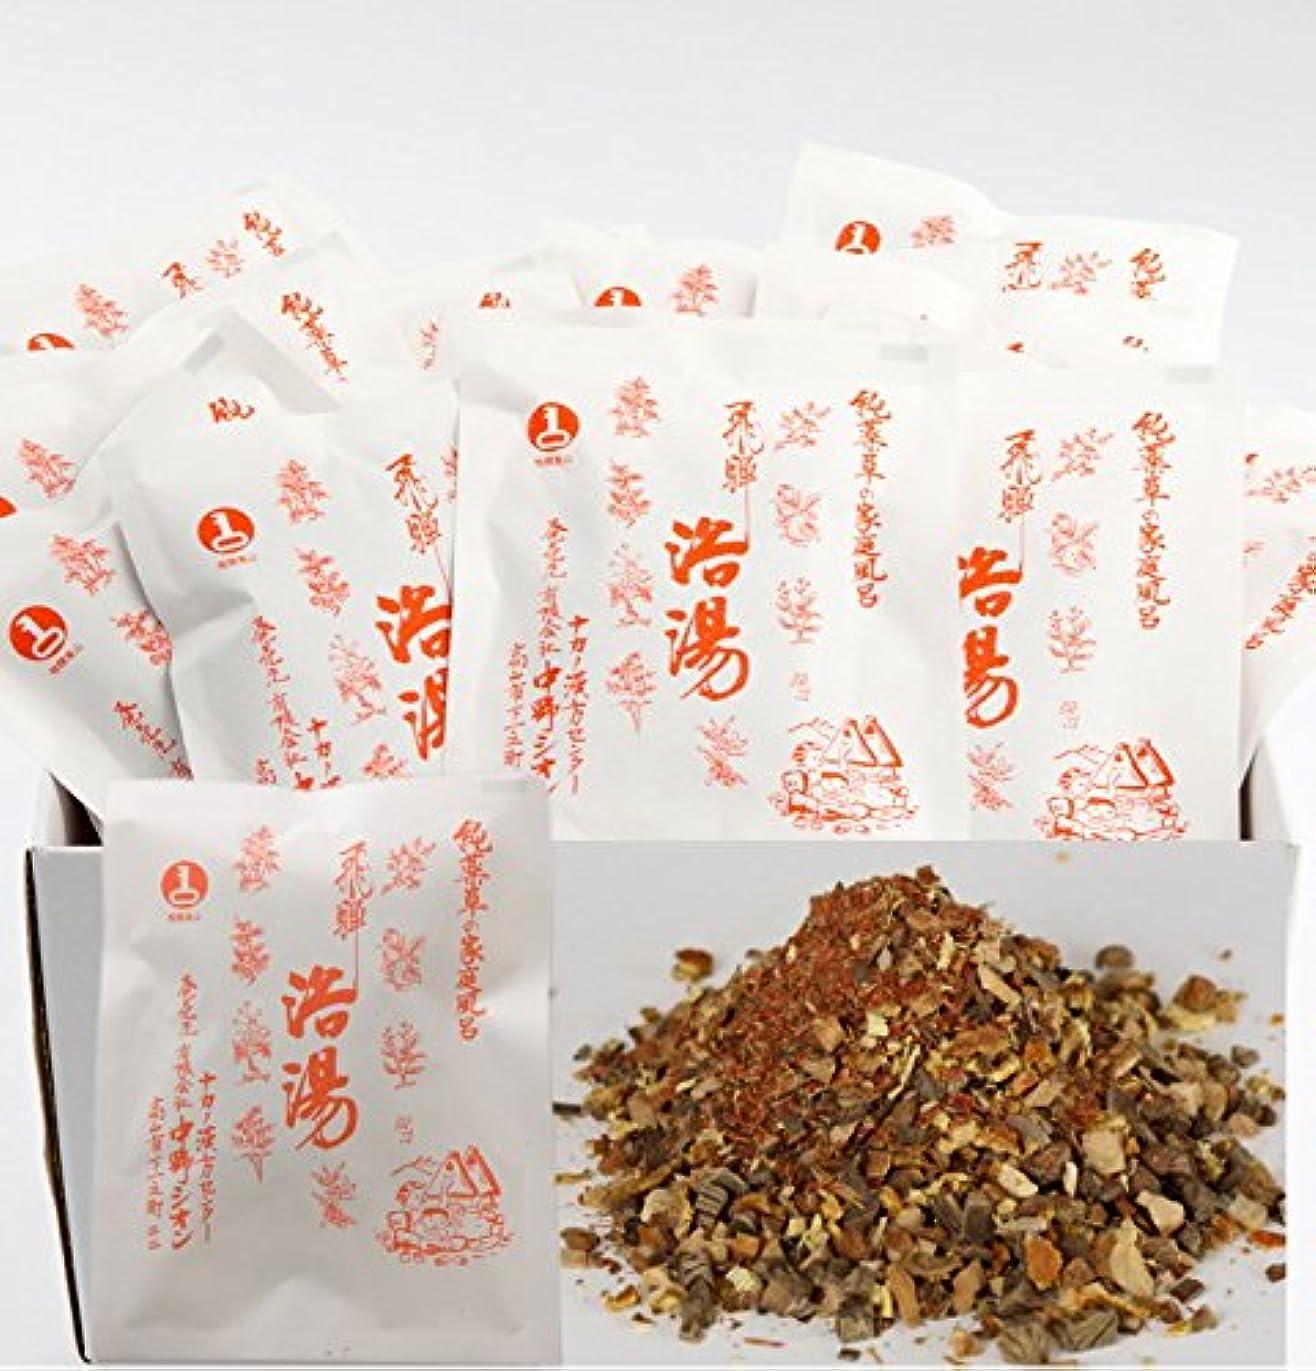 財布蒸留する付属品浴湯 飛騨浴湯 ~純薬草のお風呂~ 15袋(15包)セット